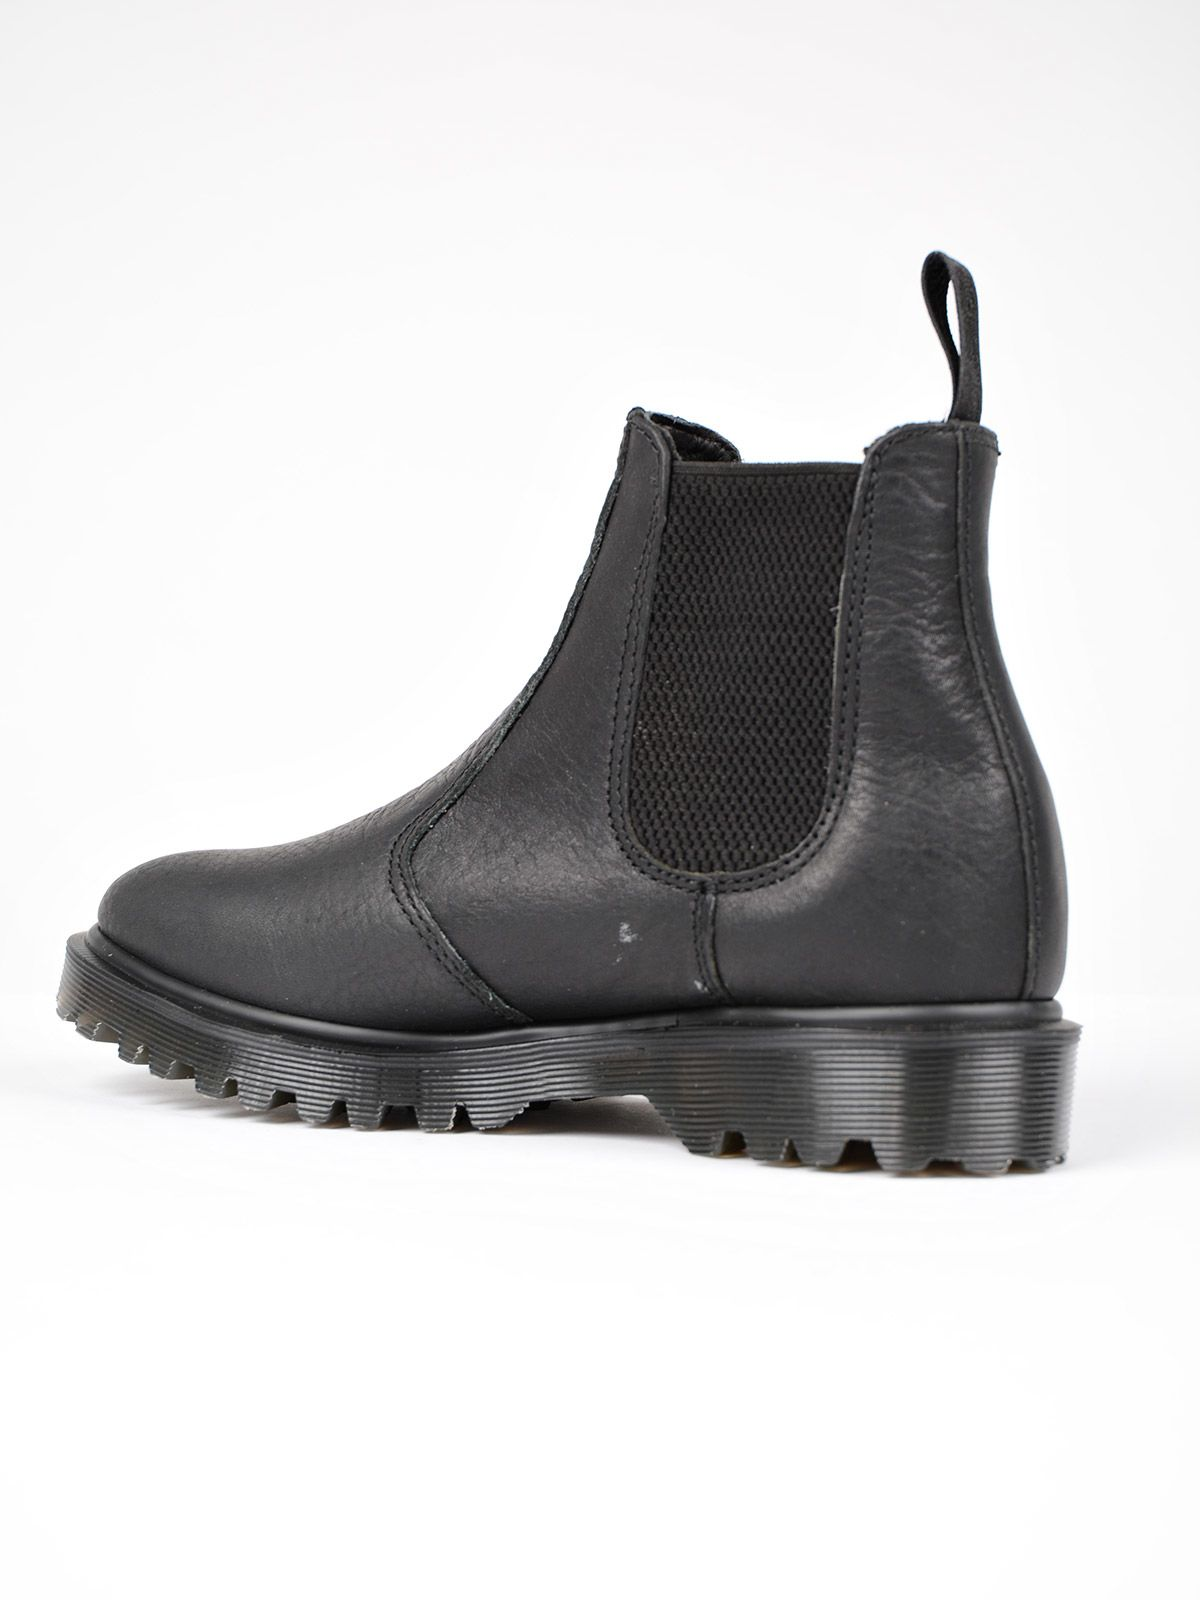 dr martens dr martens chelsea ankle boots black. Black Bedroom Furniture Sets. Home Design Ideas